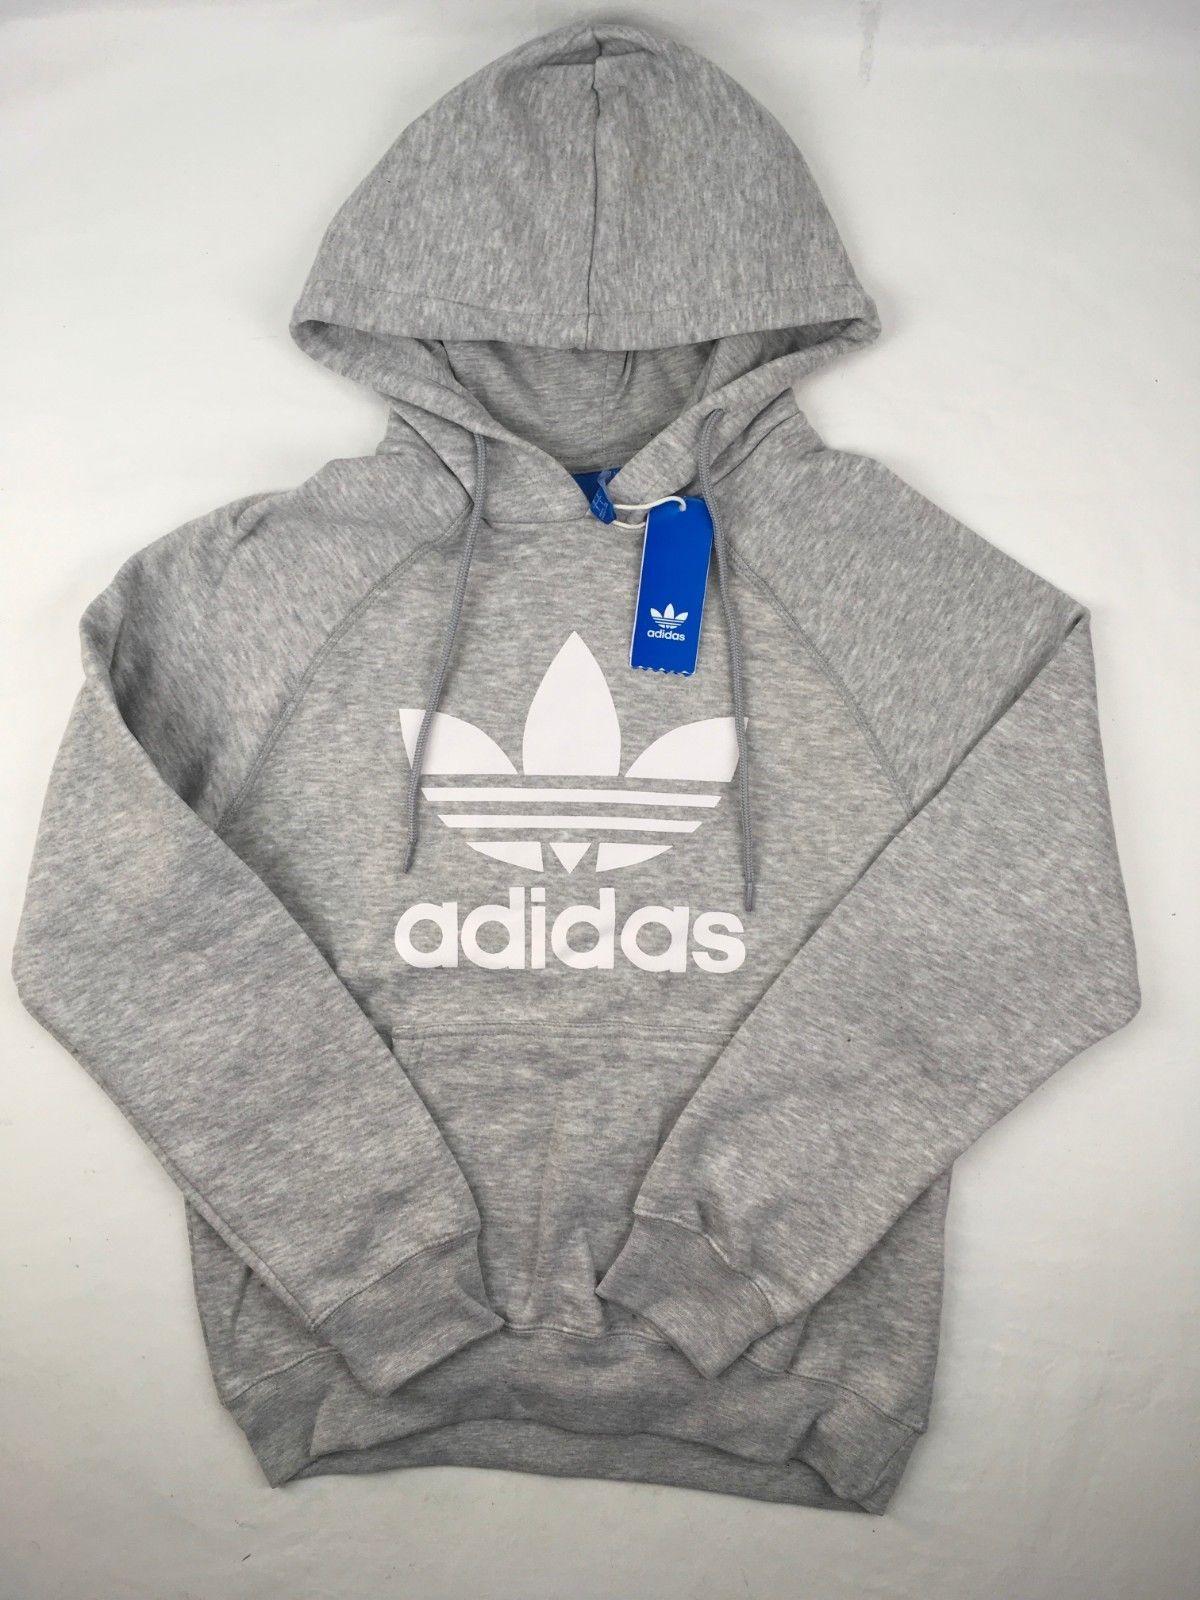 4f3612449ce9 Mens Adidas Hoodie Trefoil Sweatshirt Pullover Hoodie Navy, Black ...